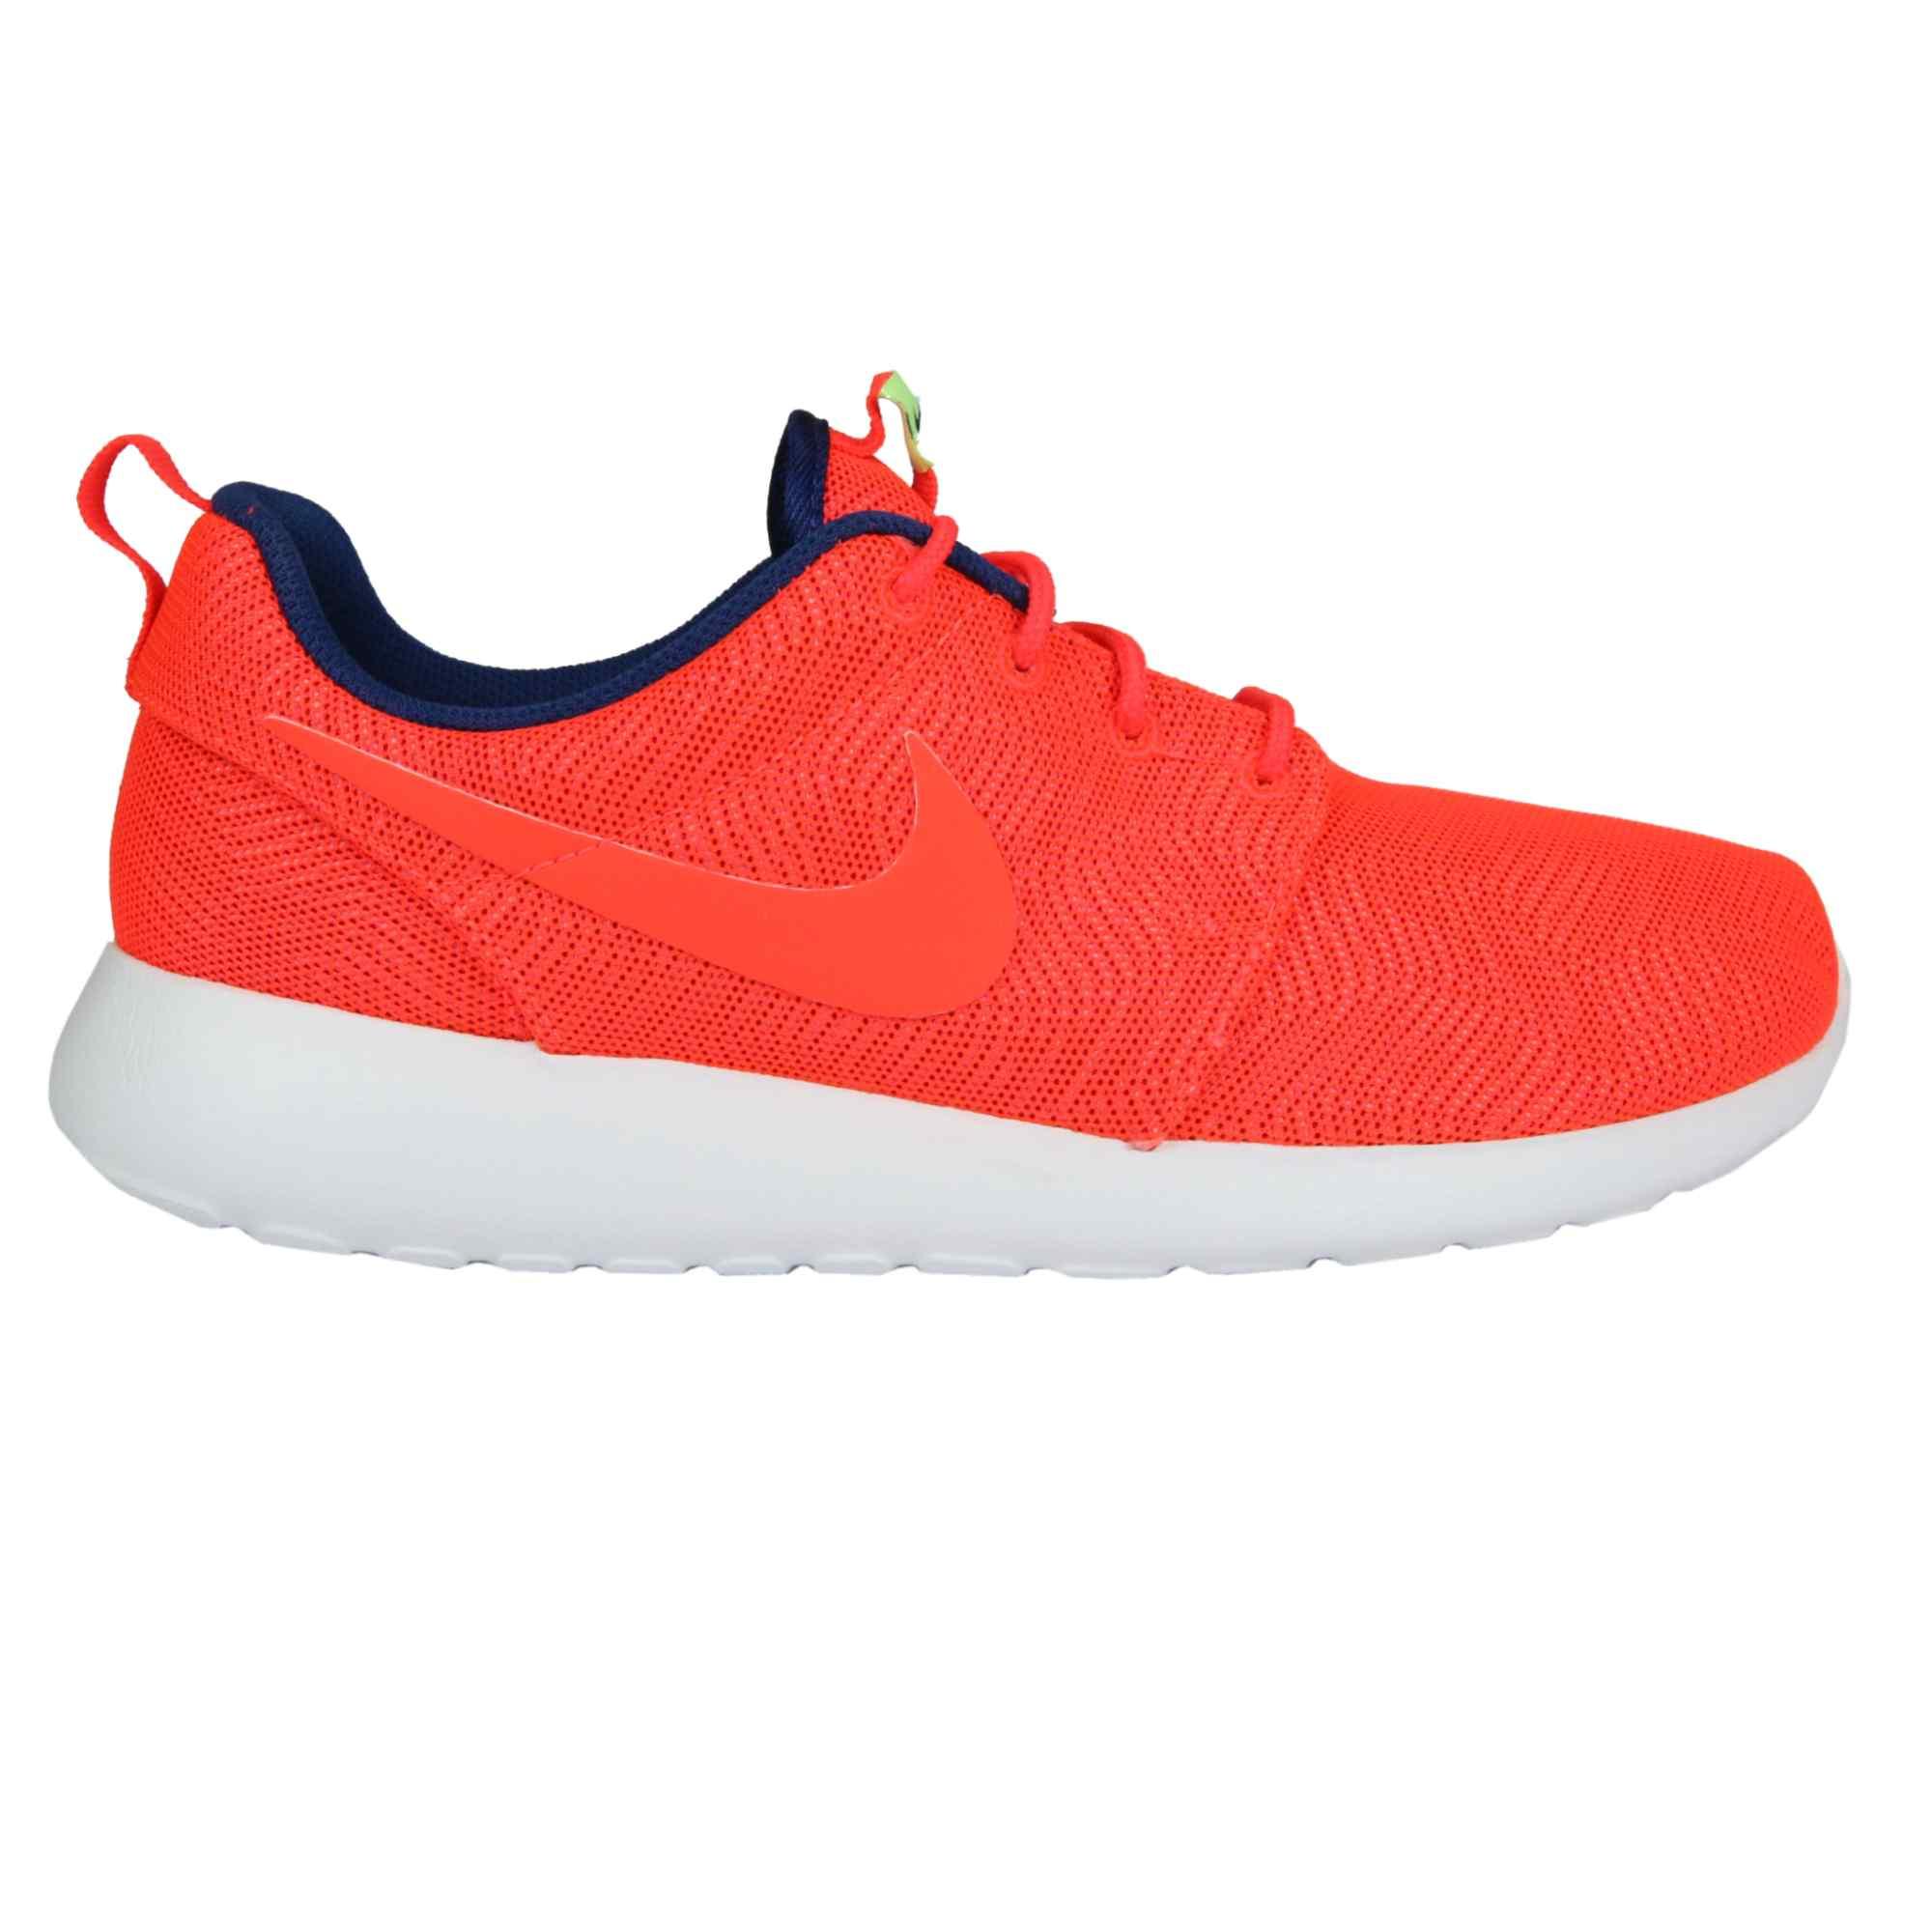 Nike Herren Roshe One Hyperfuse Br Laufschuhe  44 EURot (Total Crimson/White)